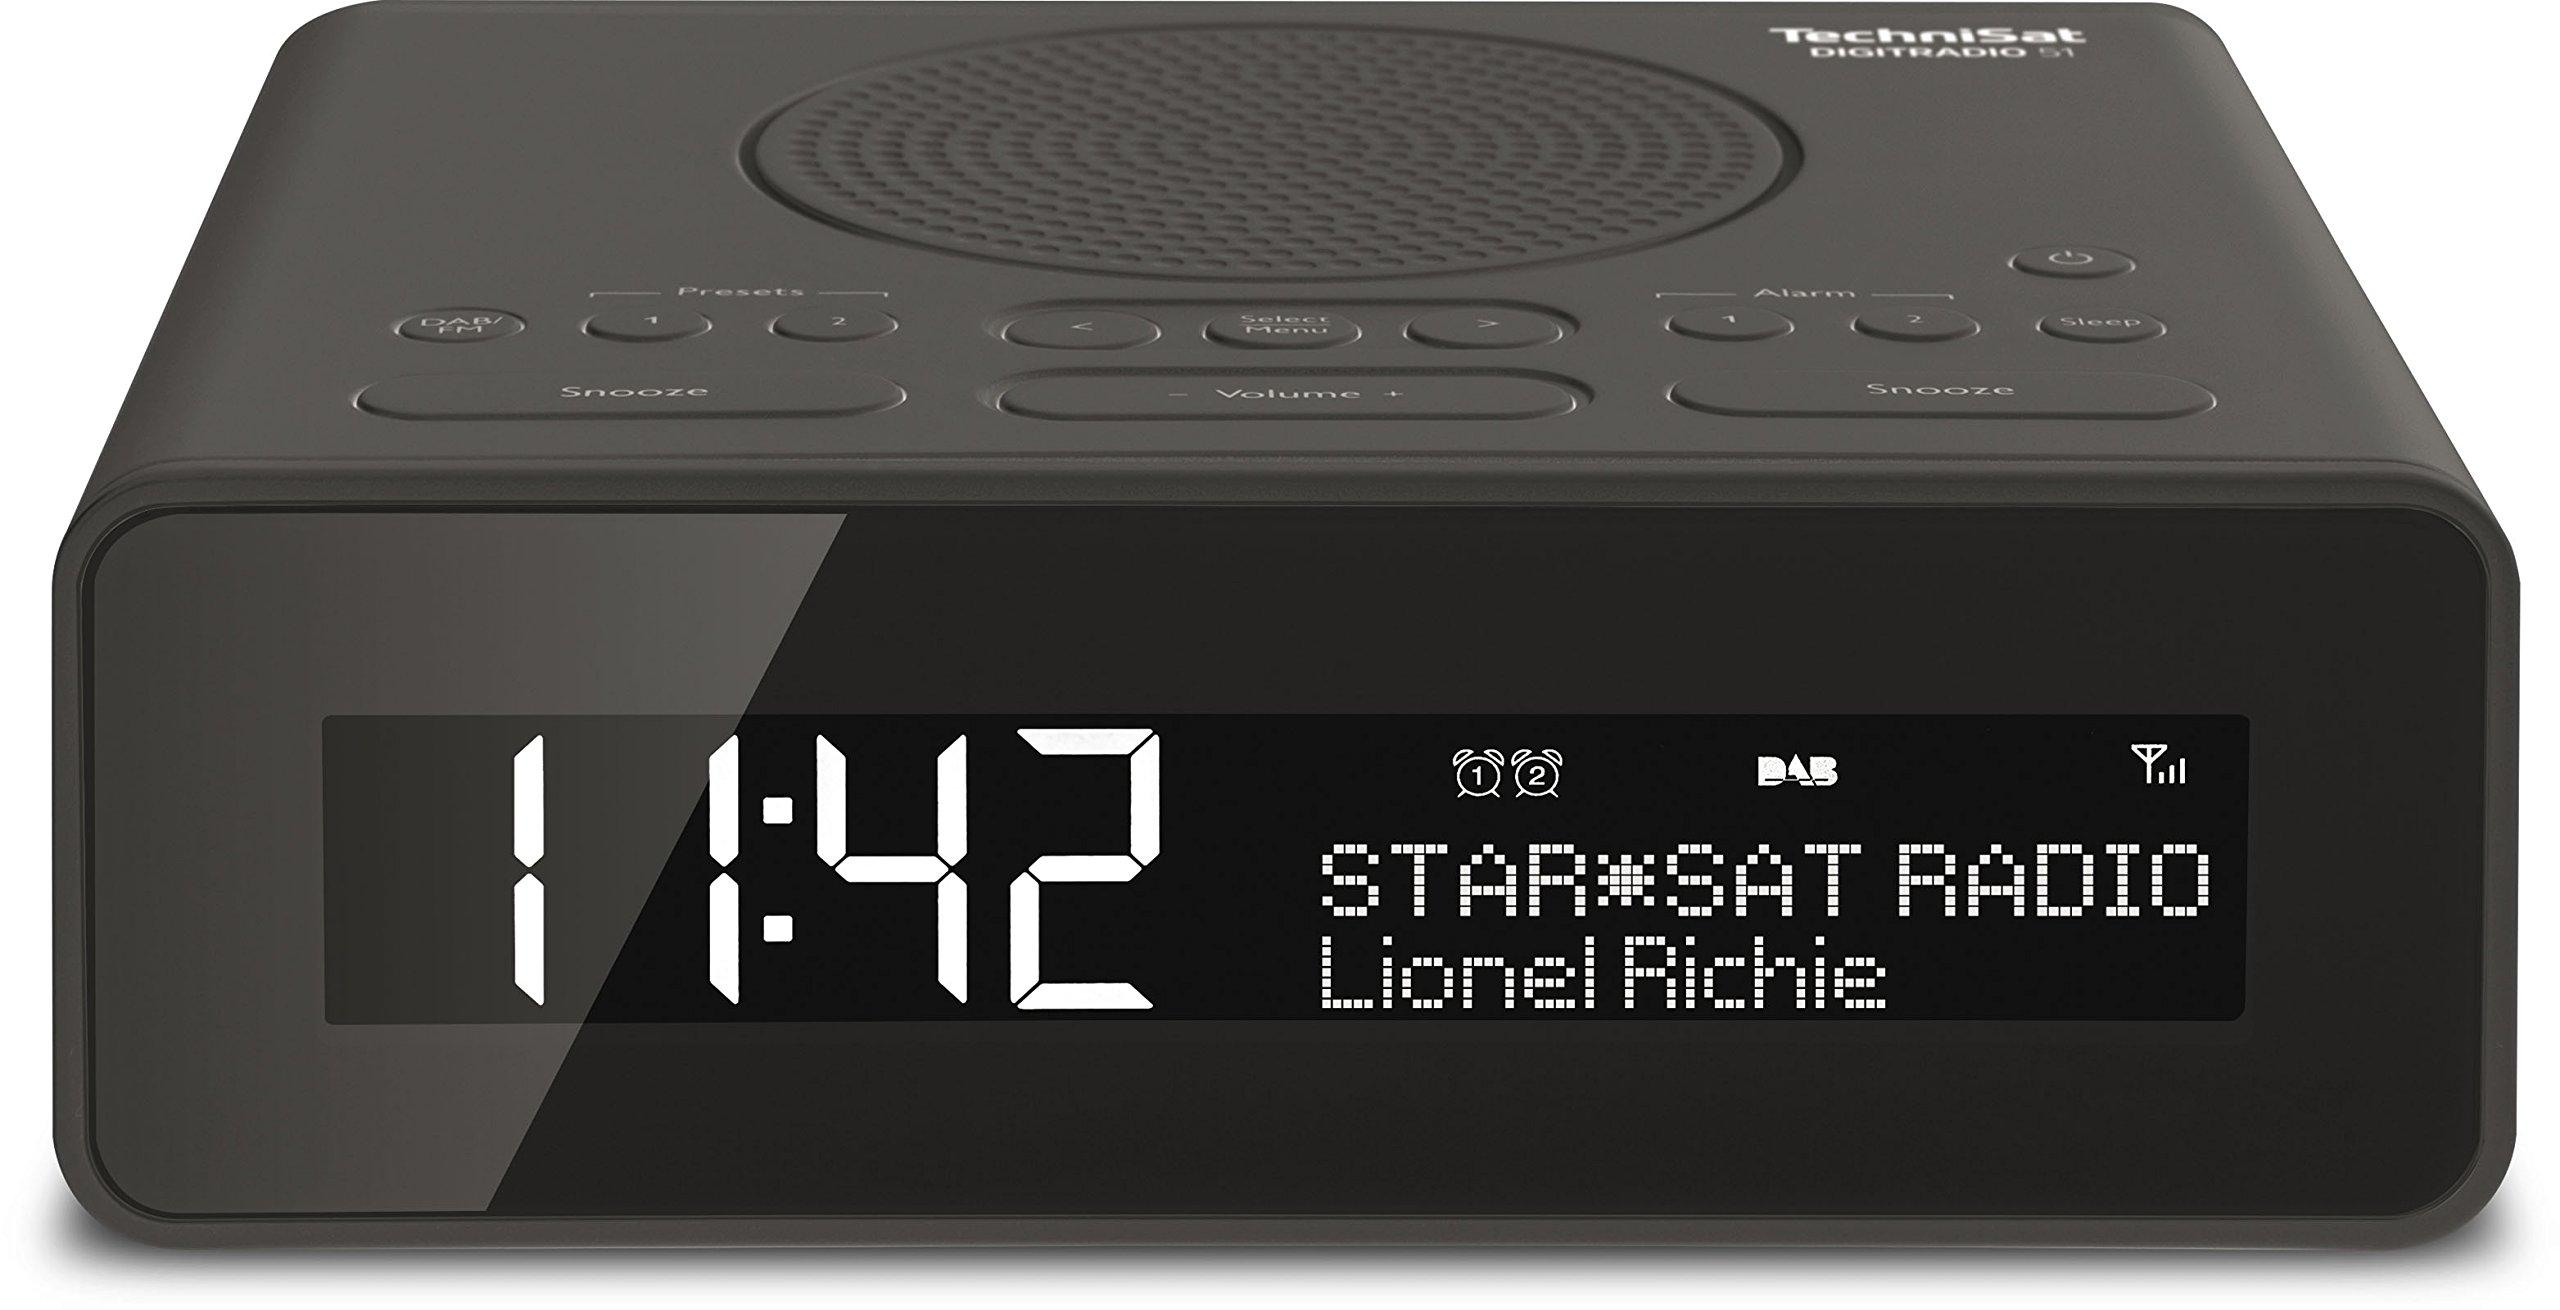 TechniSat DIGITRADIO 51 Digital-Radio, Uhrenradio, Radiowecker mit Zwei einstellbaren Weckzeiten, Snooze-Funktion, Sleeptimer, dimmbares Display, Kopfhöreranschluss, schwarz product image